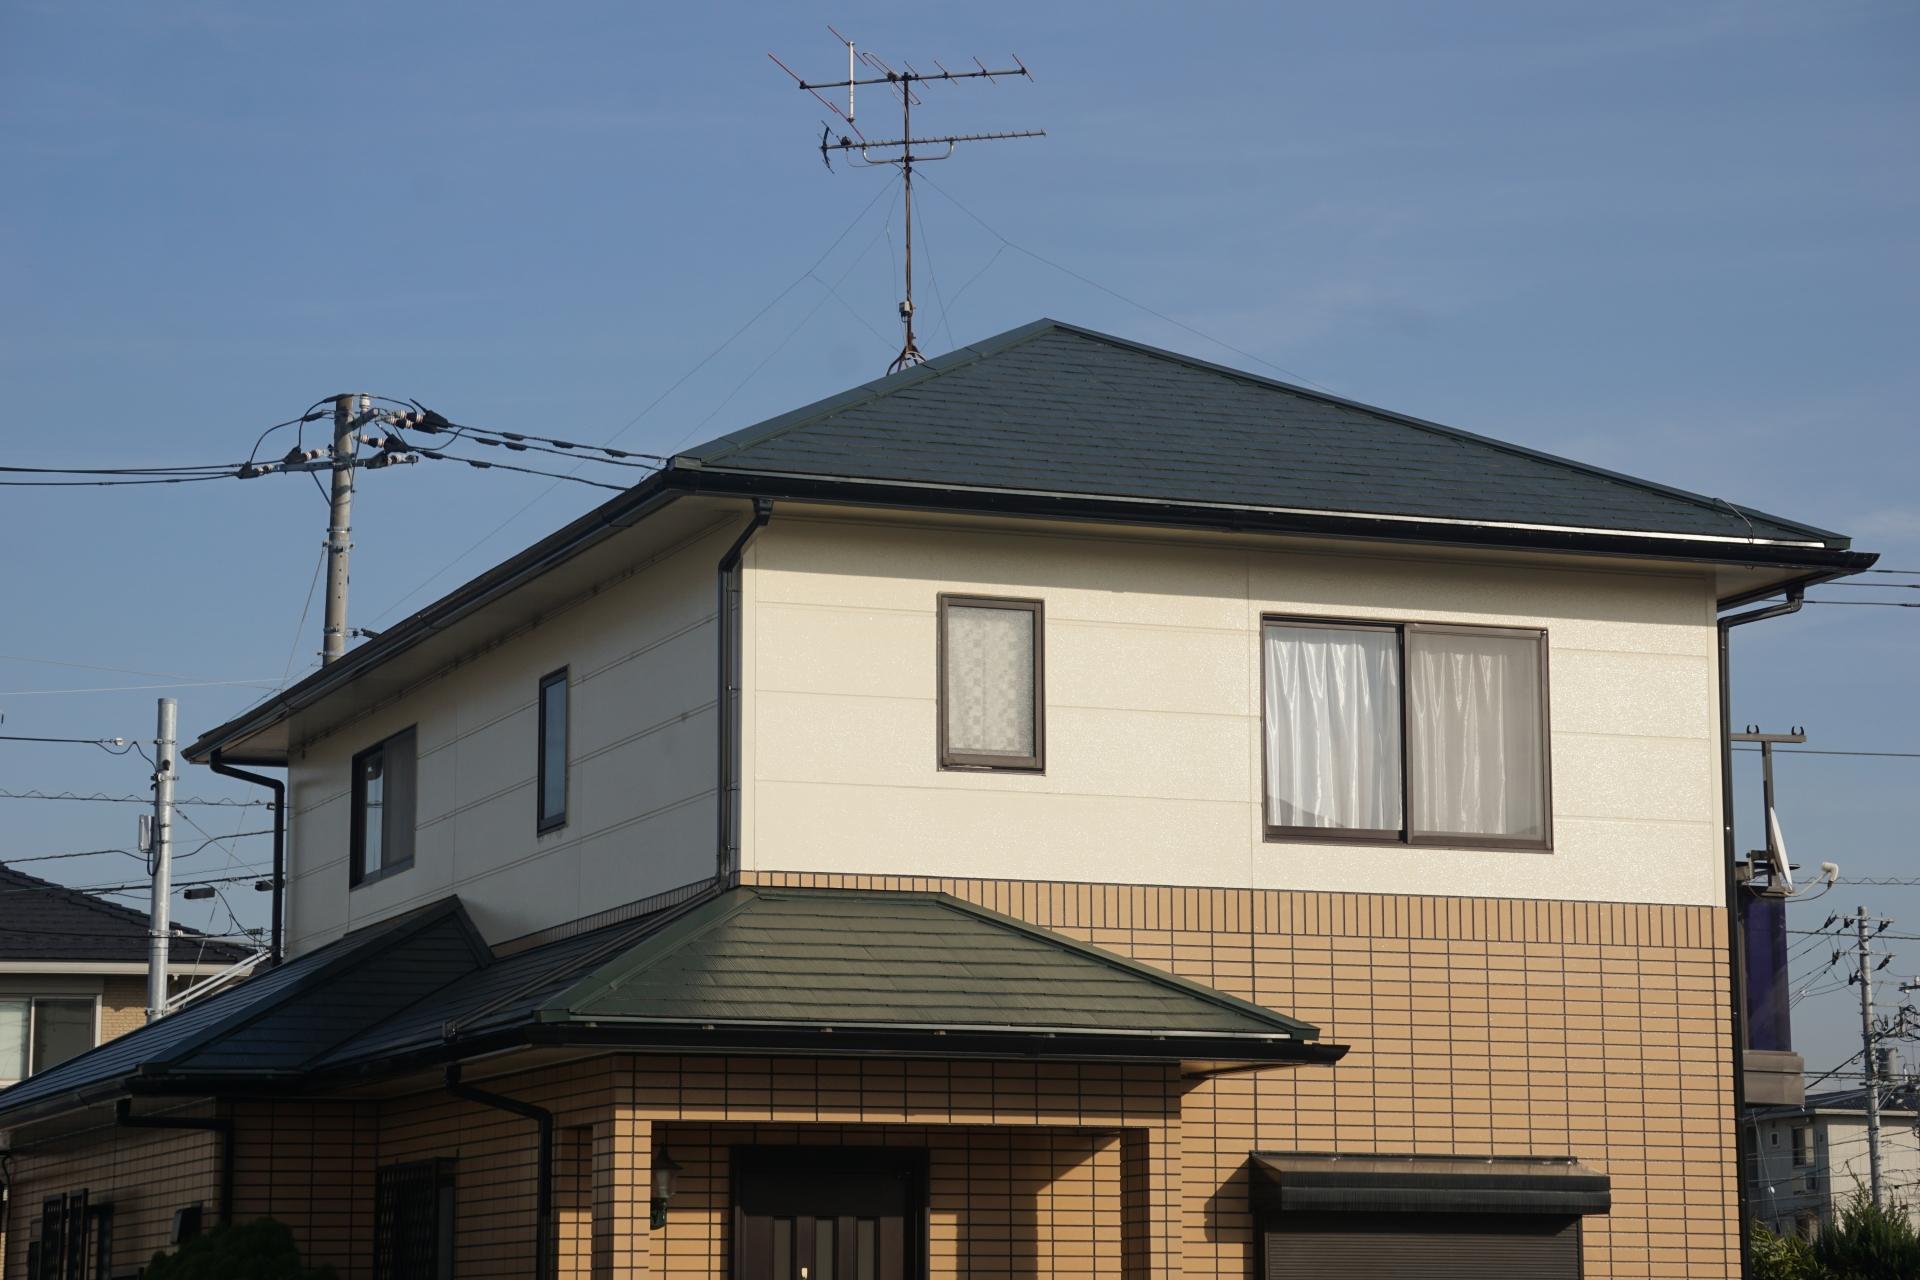 新築住宅のプロパンガス契約について